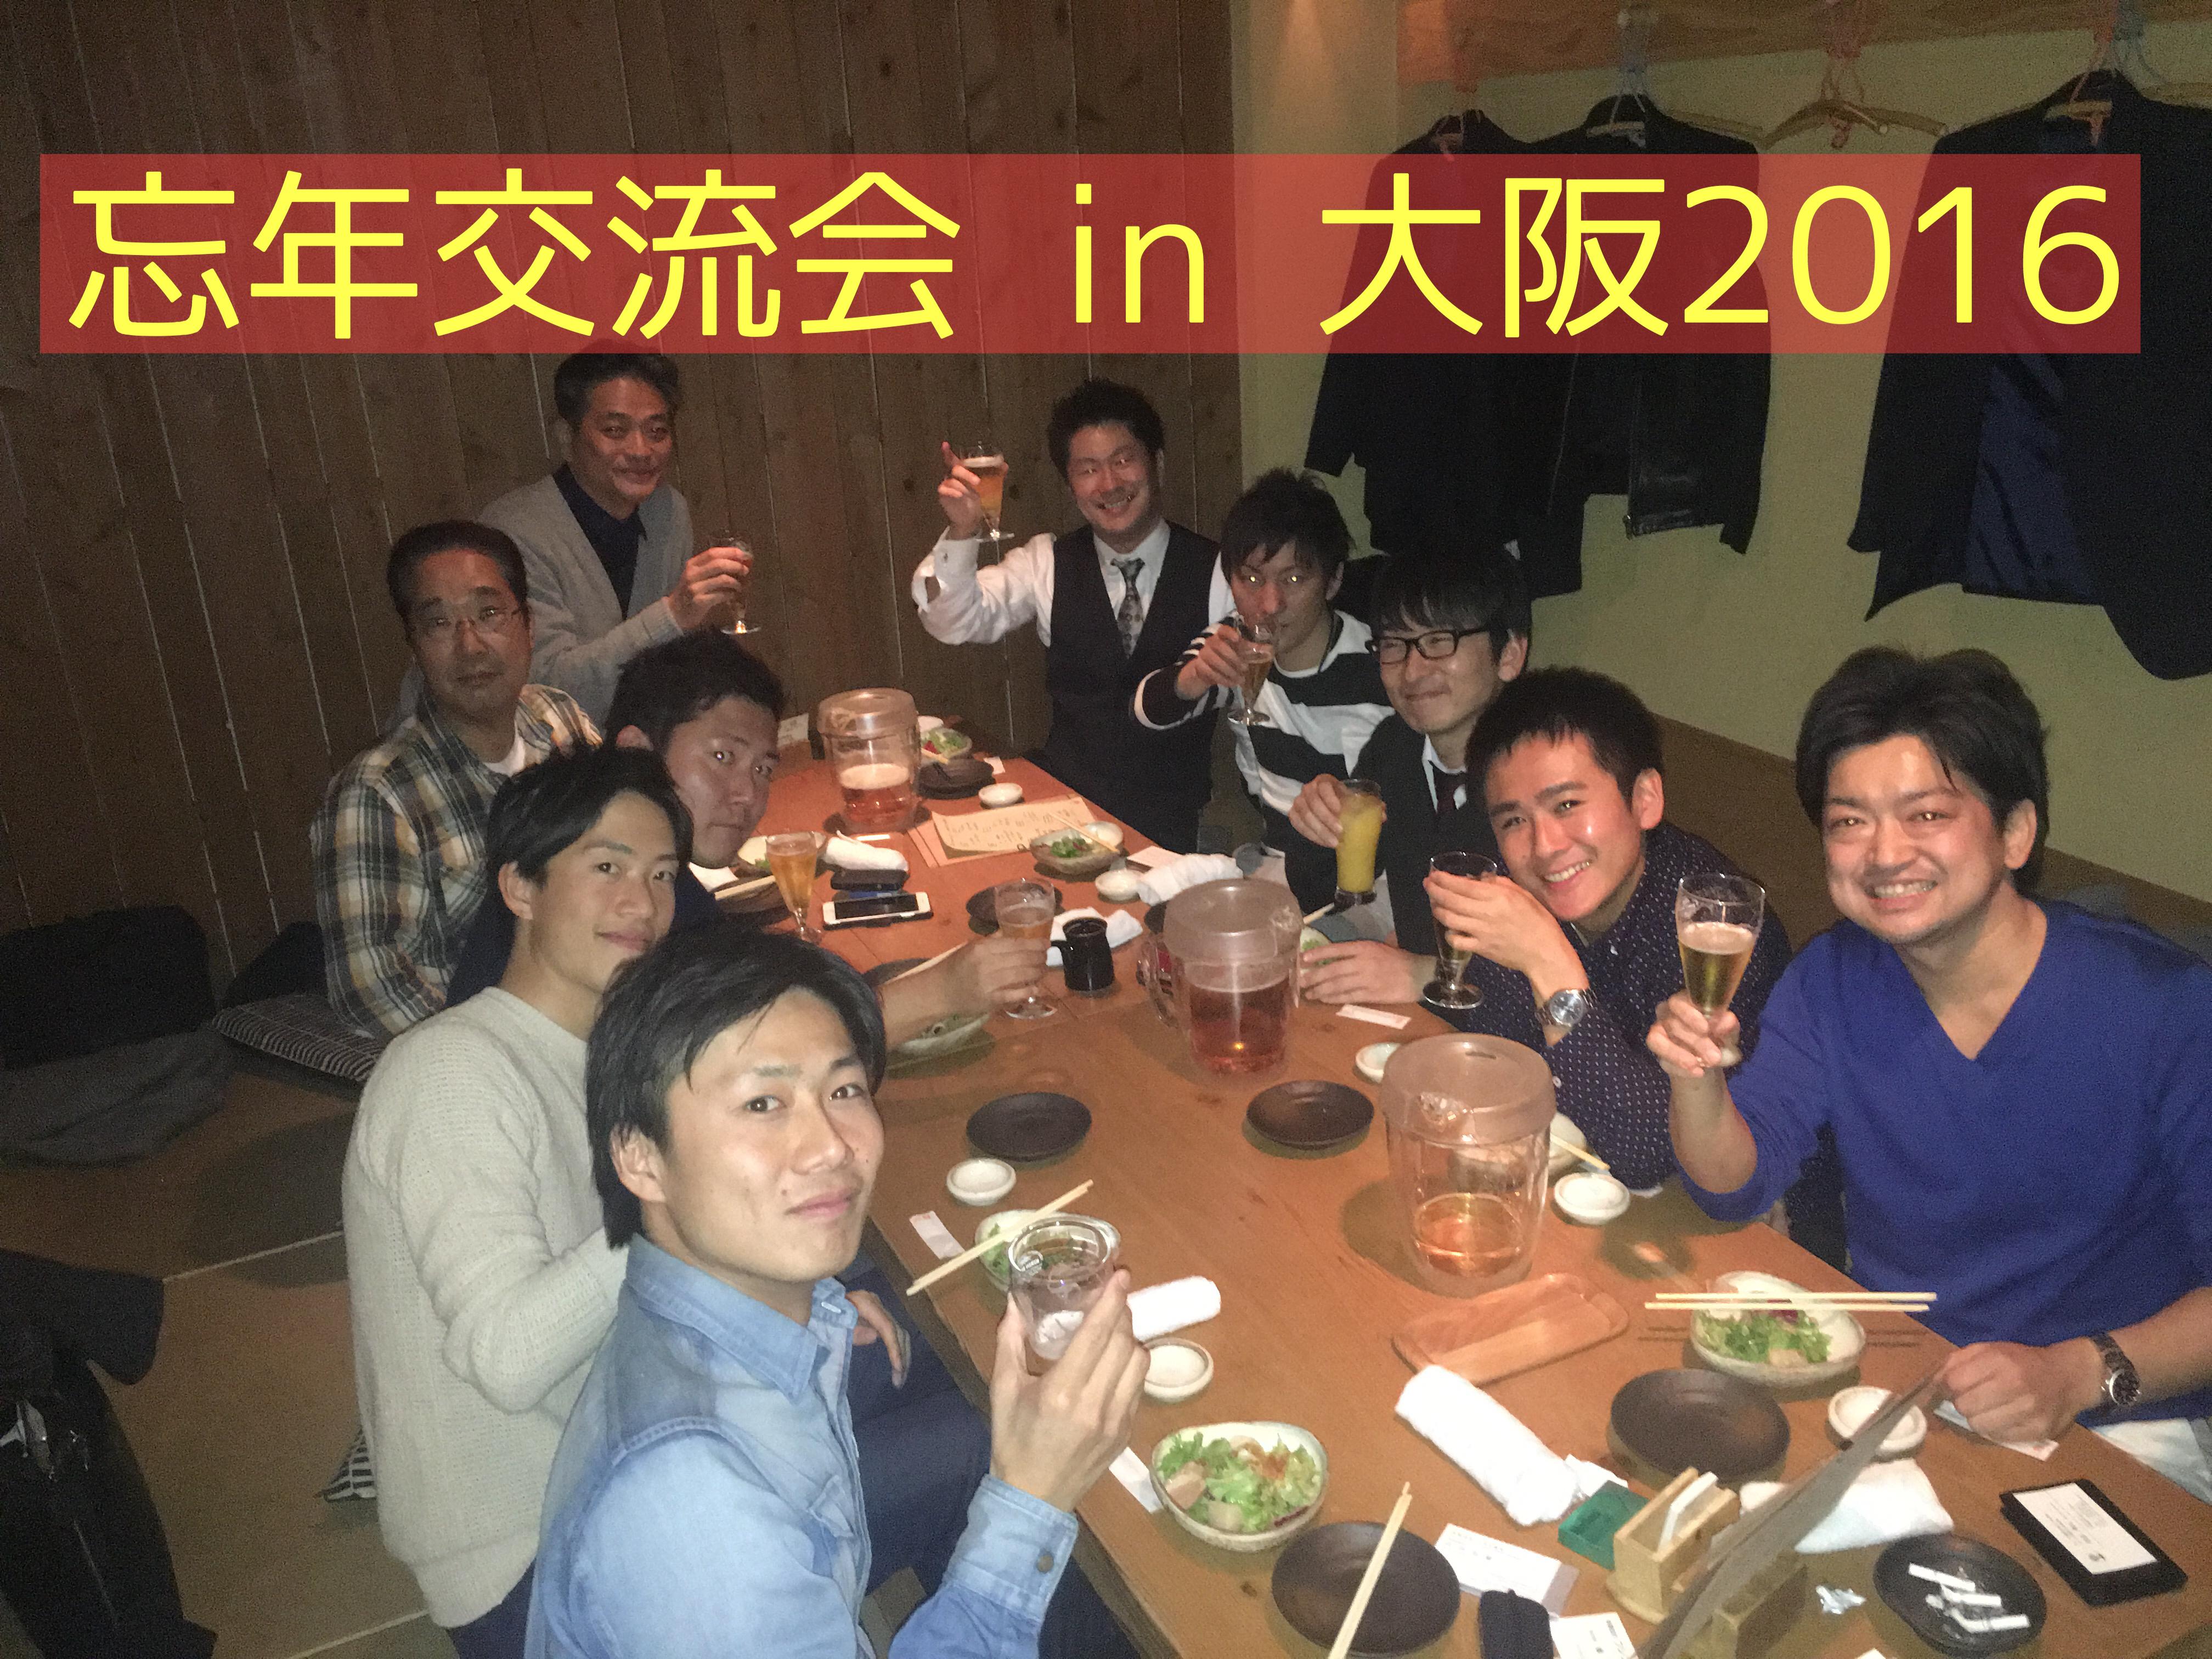 マインドセット(考え方)を整えるセミナー付き忘年会 盛り上がりました!!